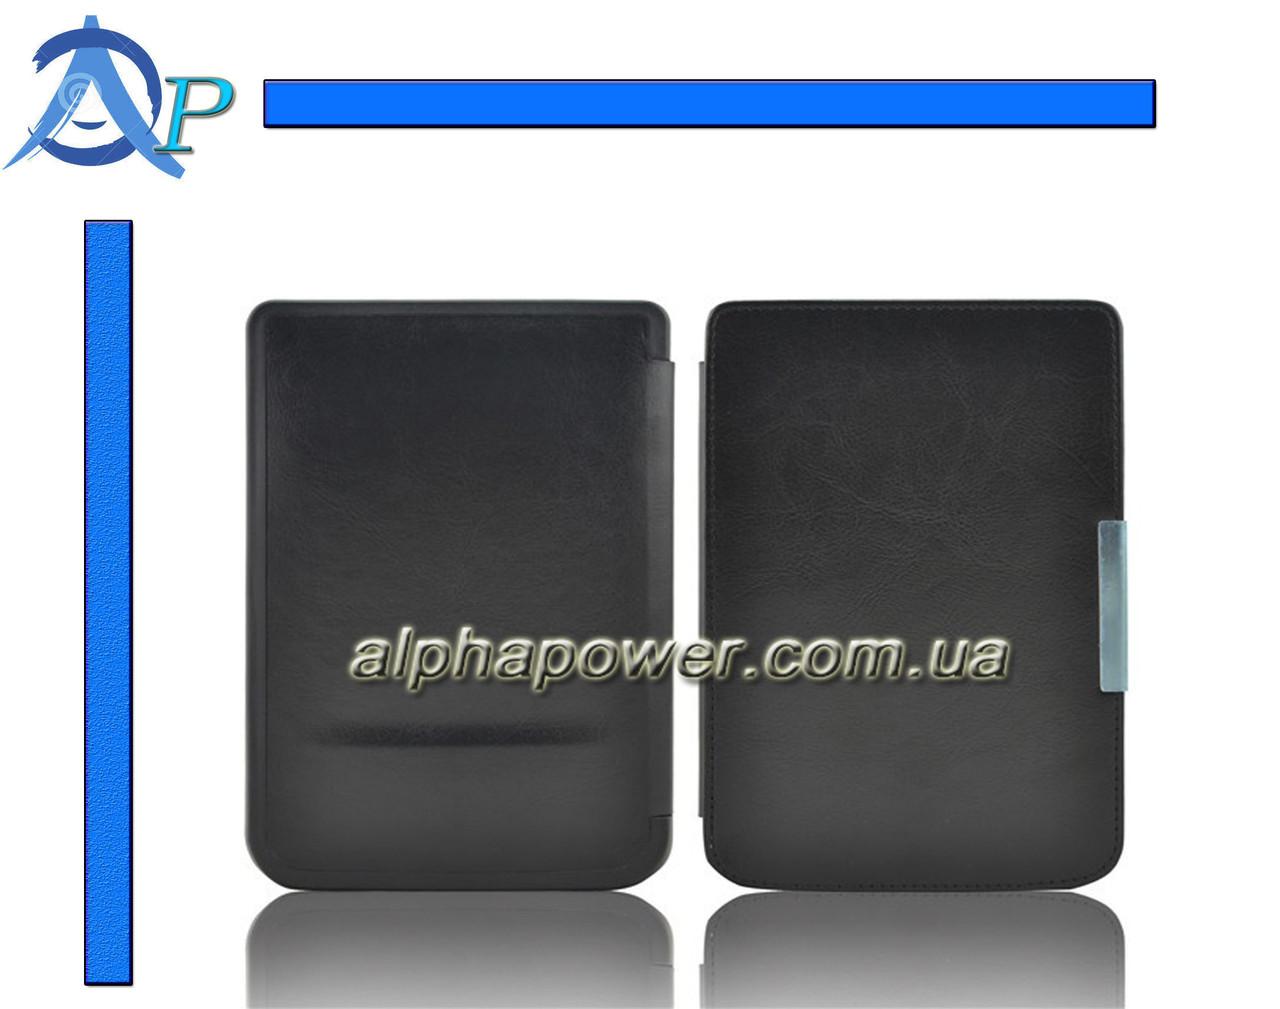 Обложка (чехол) для электронной книги PocketBook 640/641 Aqua 2 черный